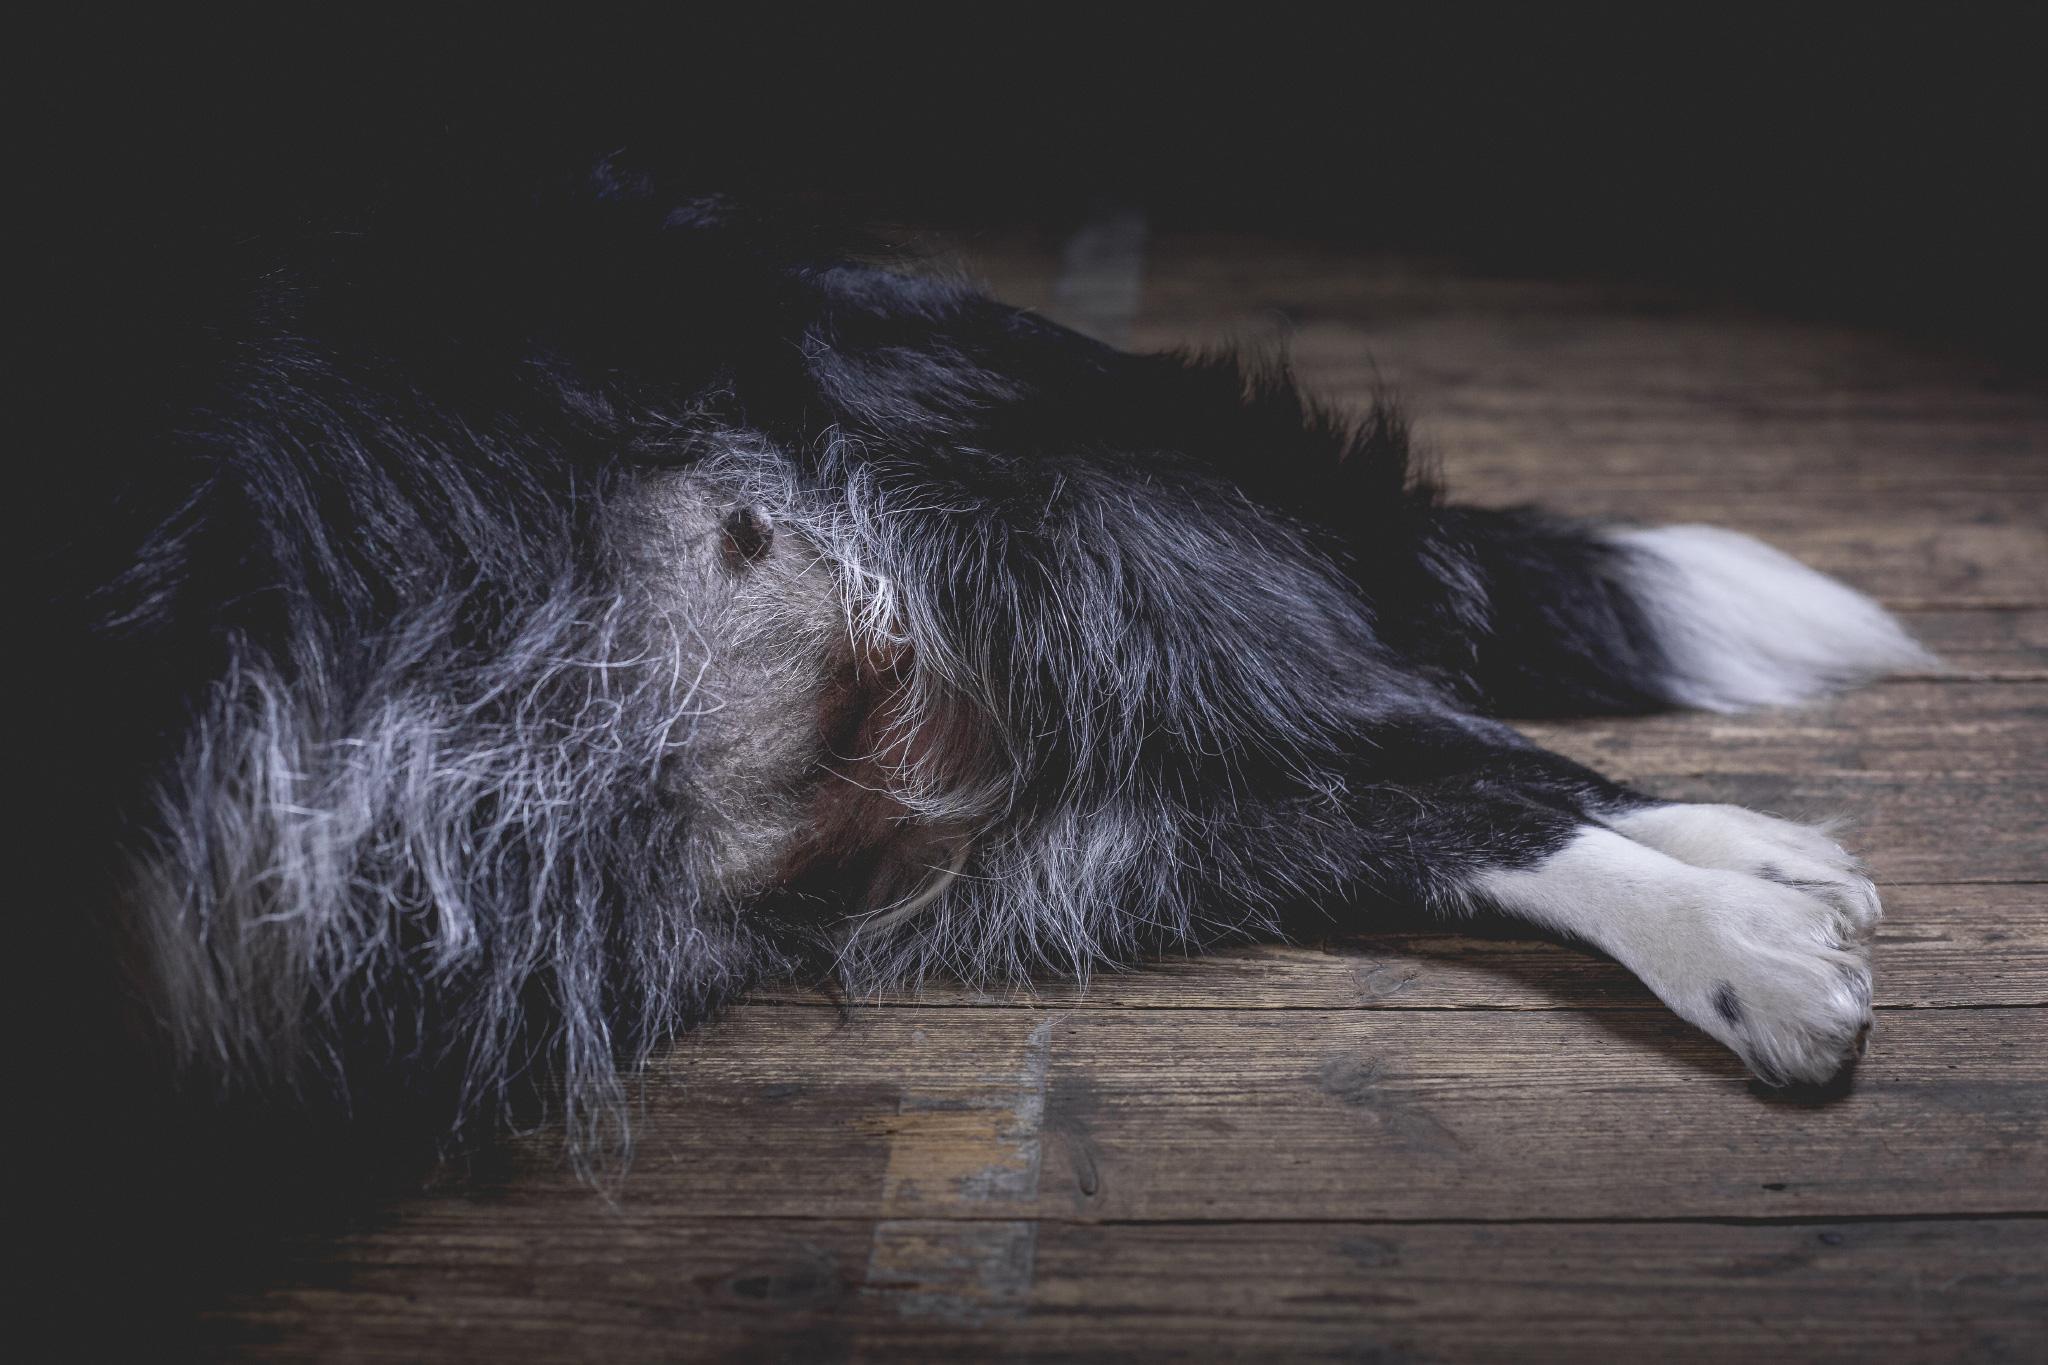 Die 8. Woche: Nells Bauchumfang ist auf 77 Zentimeter angewachsen